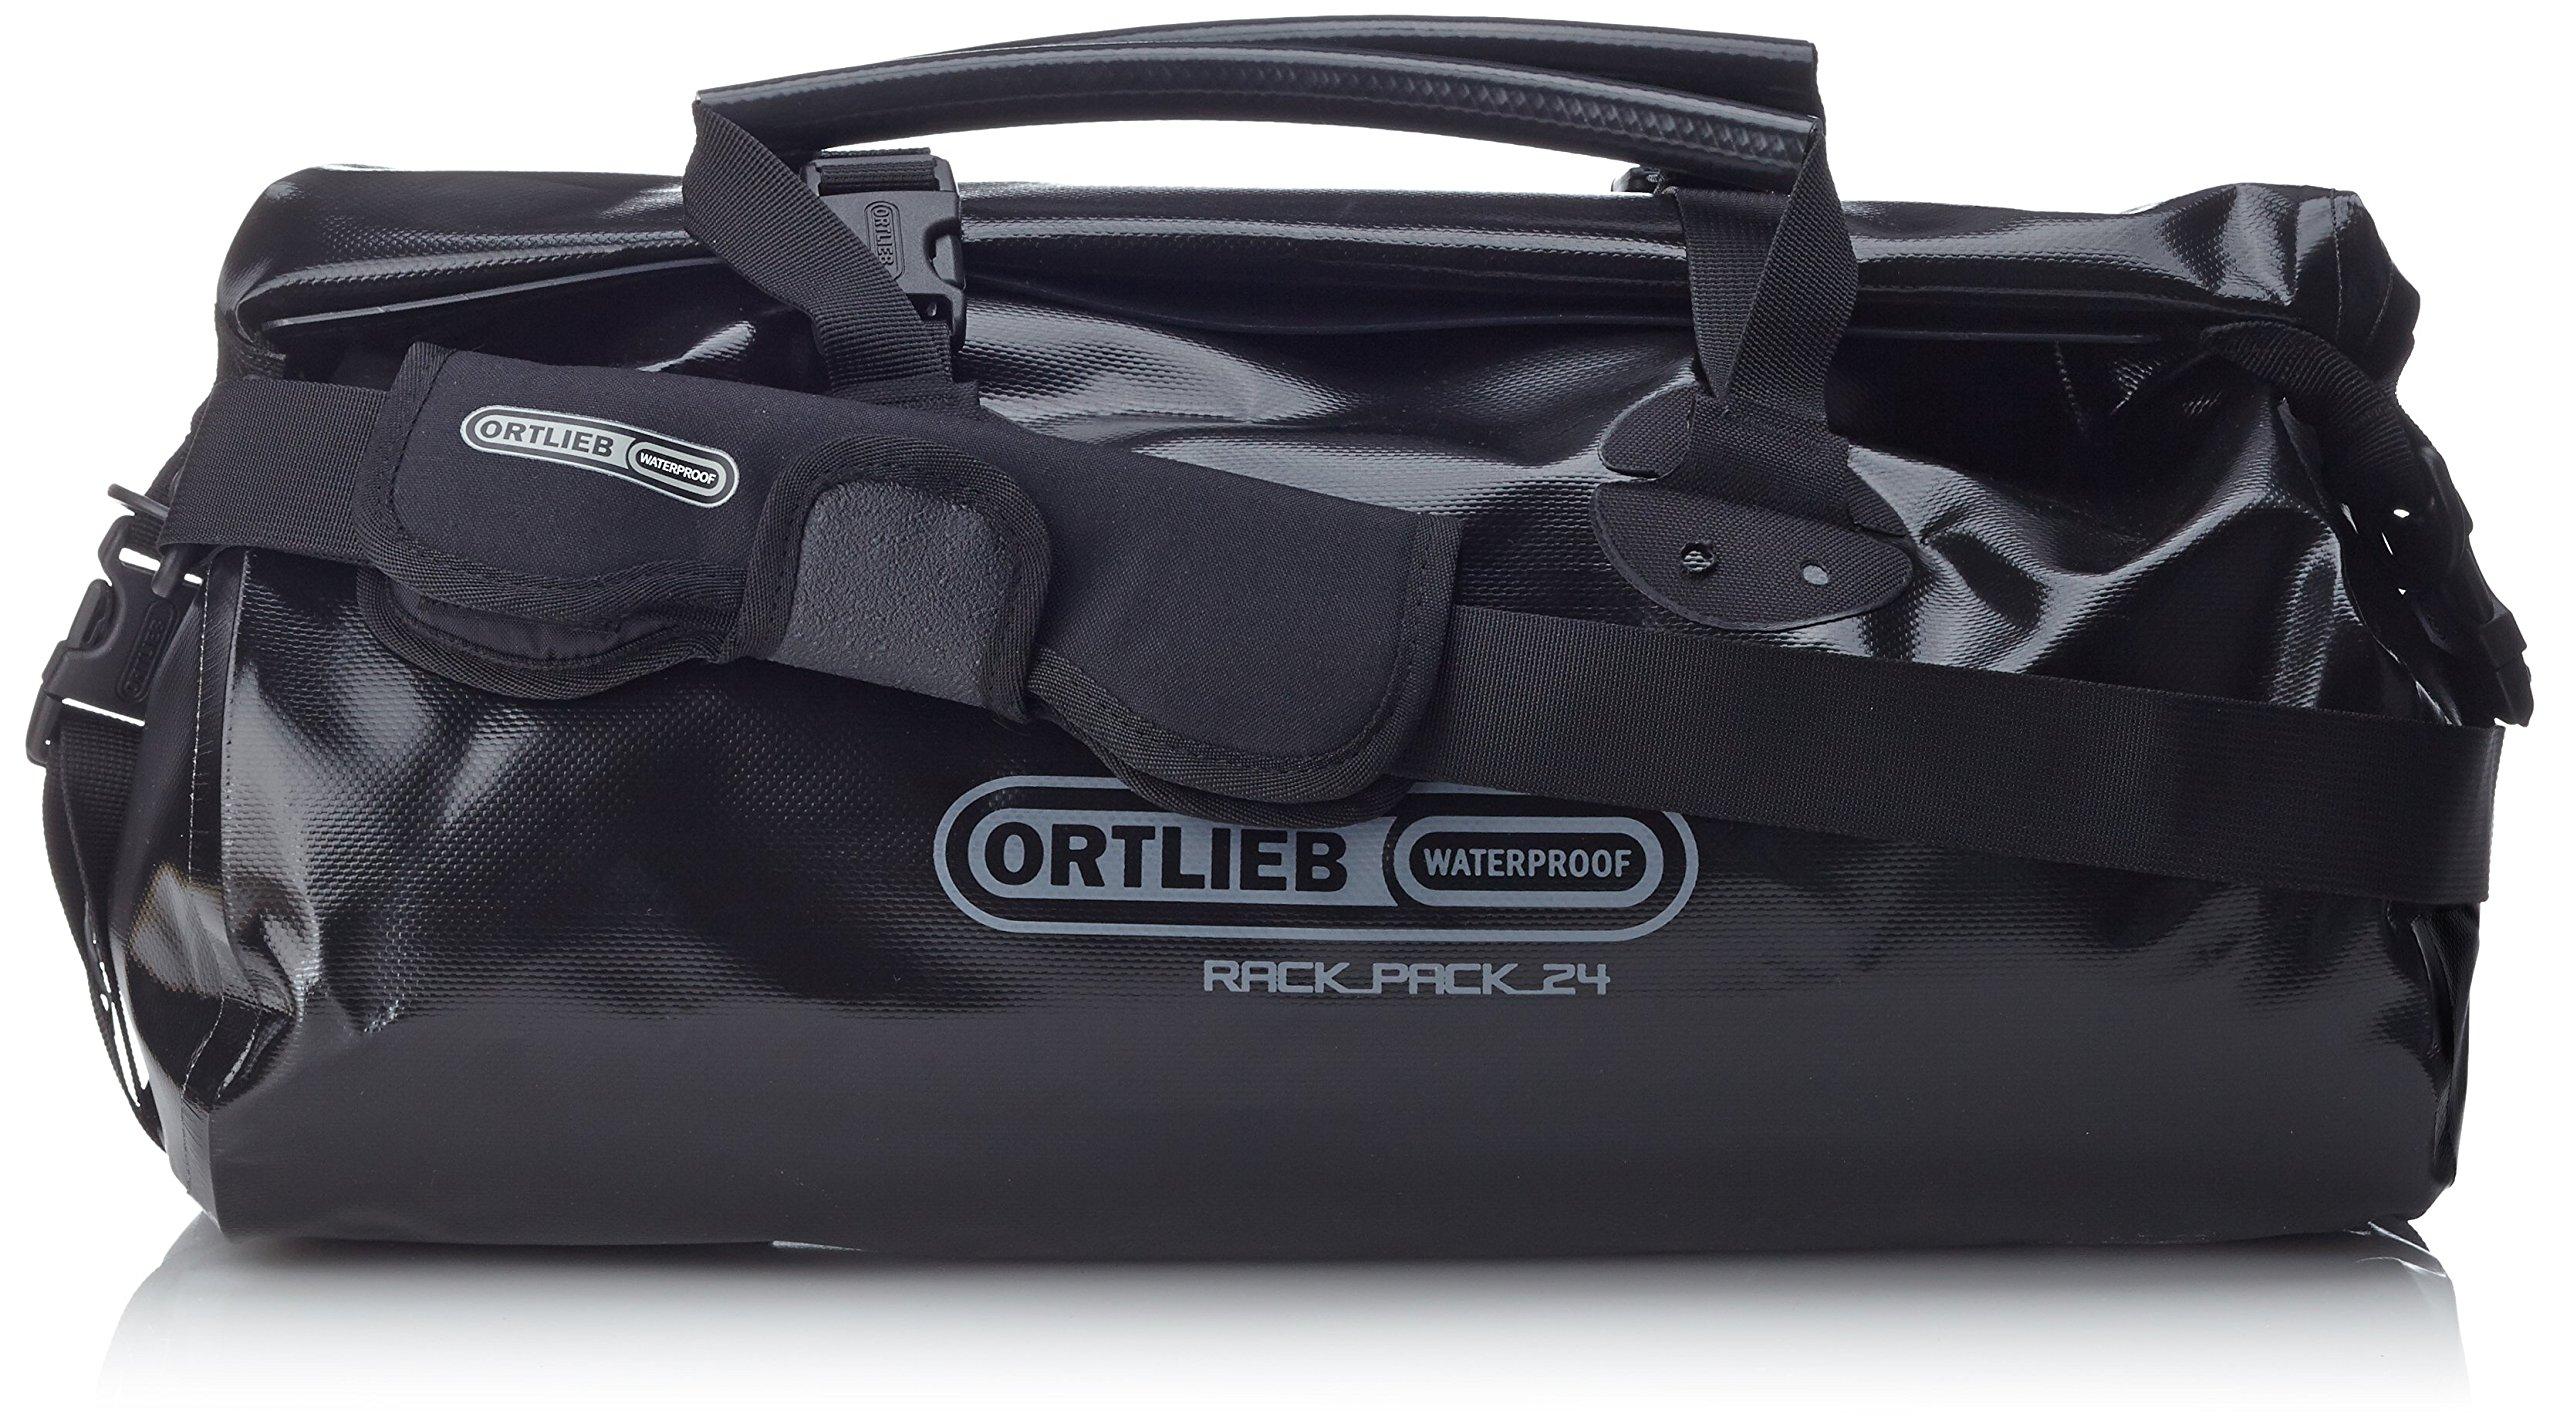 ORTLIEB RACK PACK TRAVEL BAGS 49 LTR (BLACK)